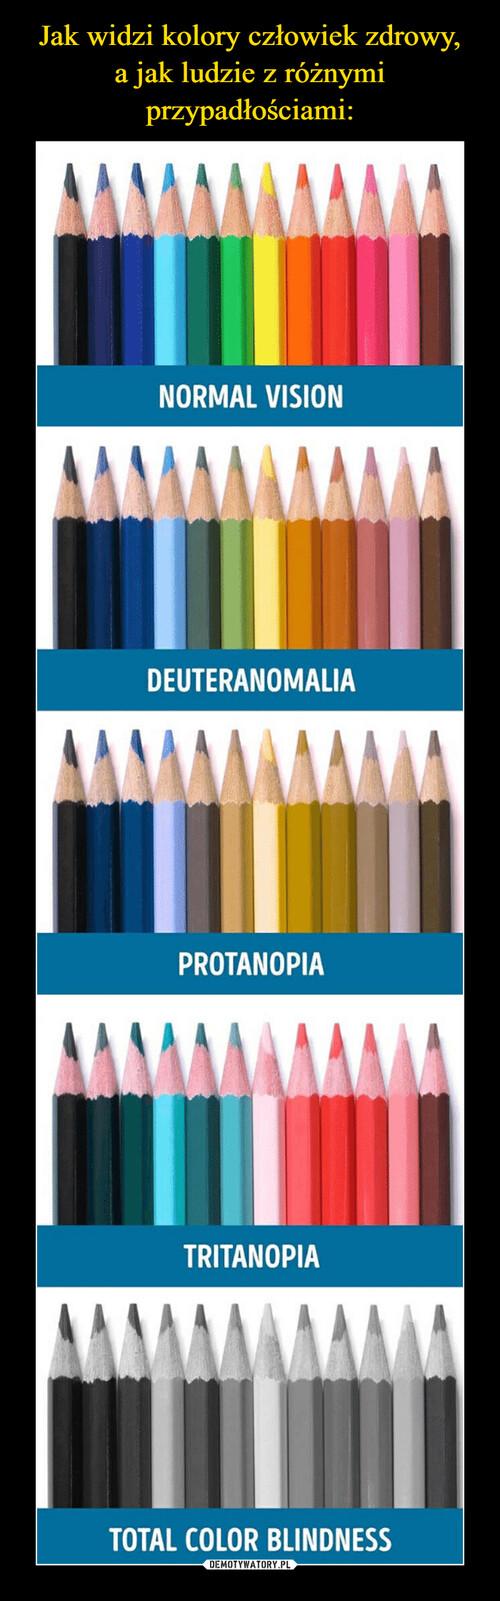 Jak widzi kolory człowiek zdrowy, a jak ludzie z różnymi przypadłościami: